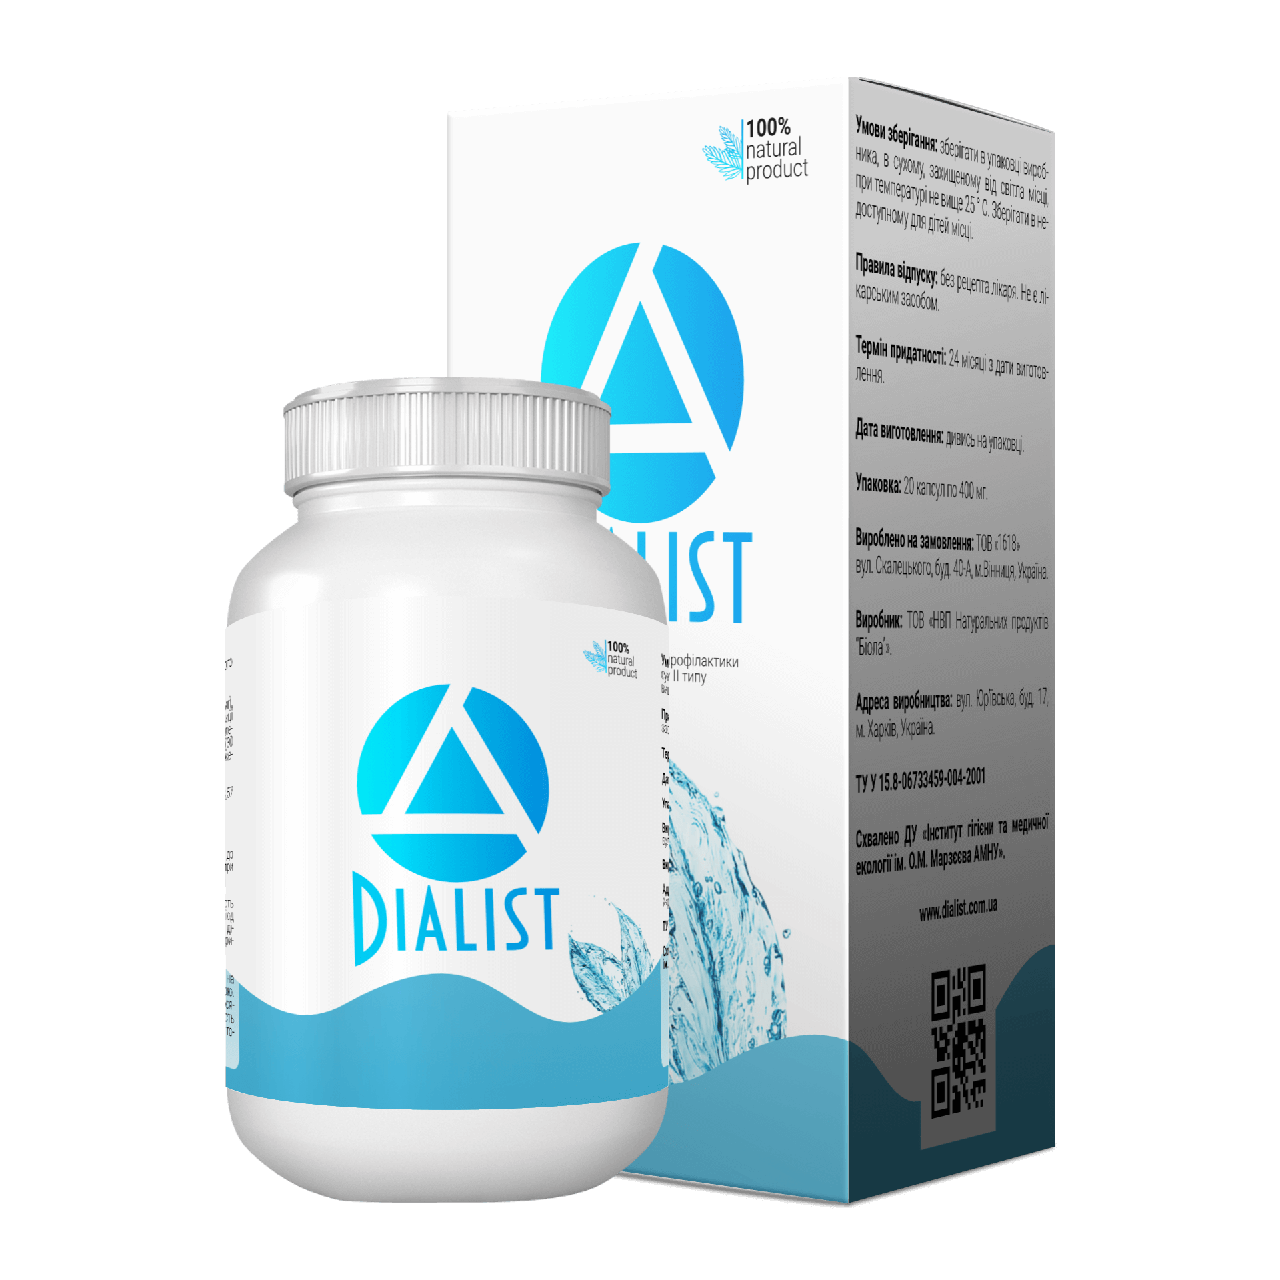 DIALIST натуральное от диабета в Кемерово